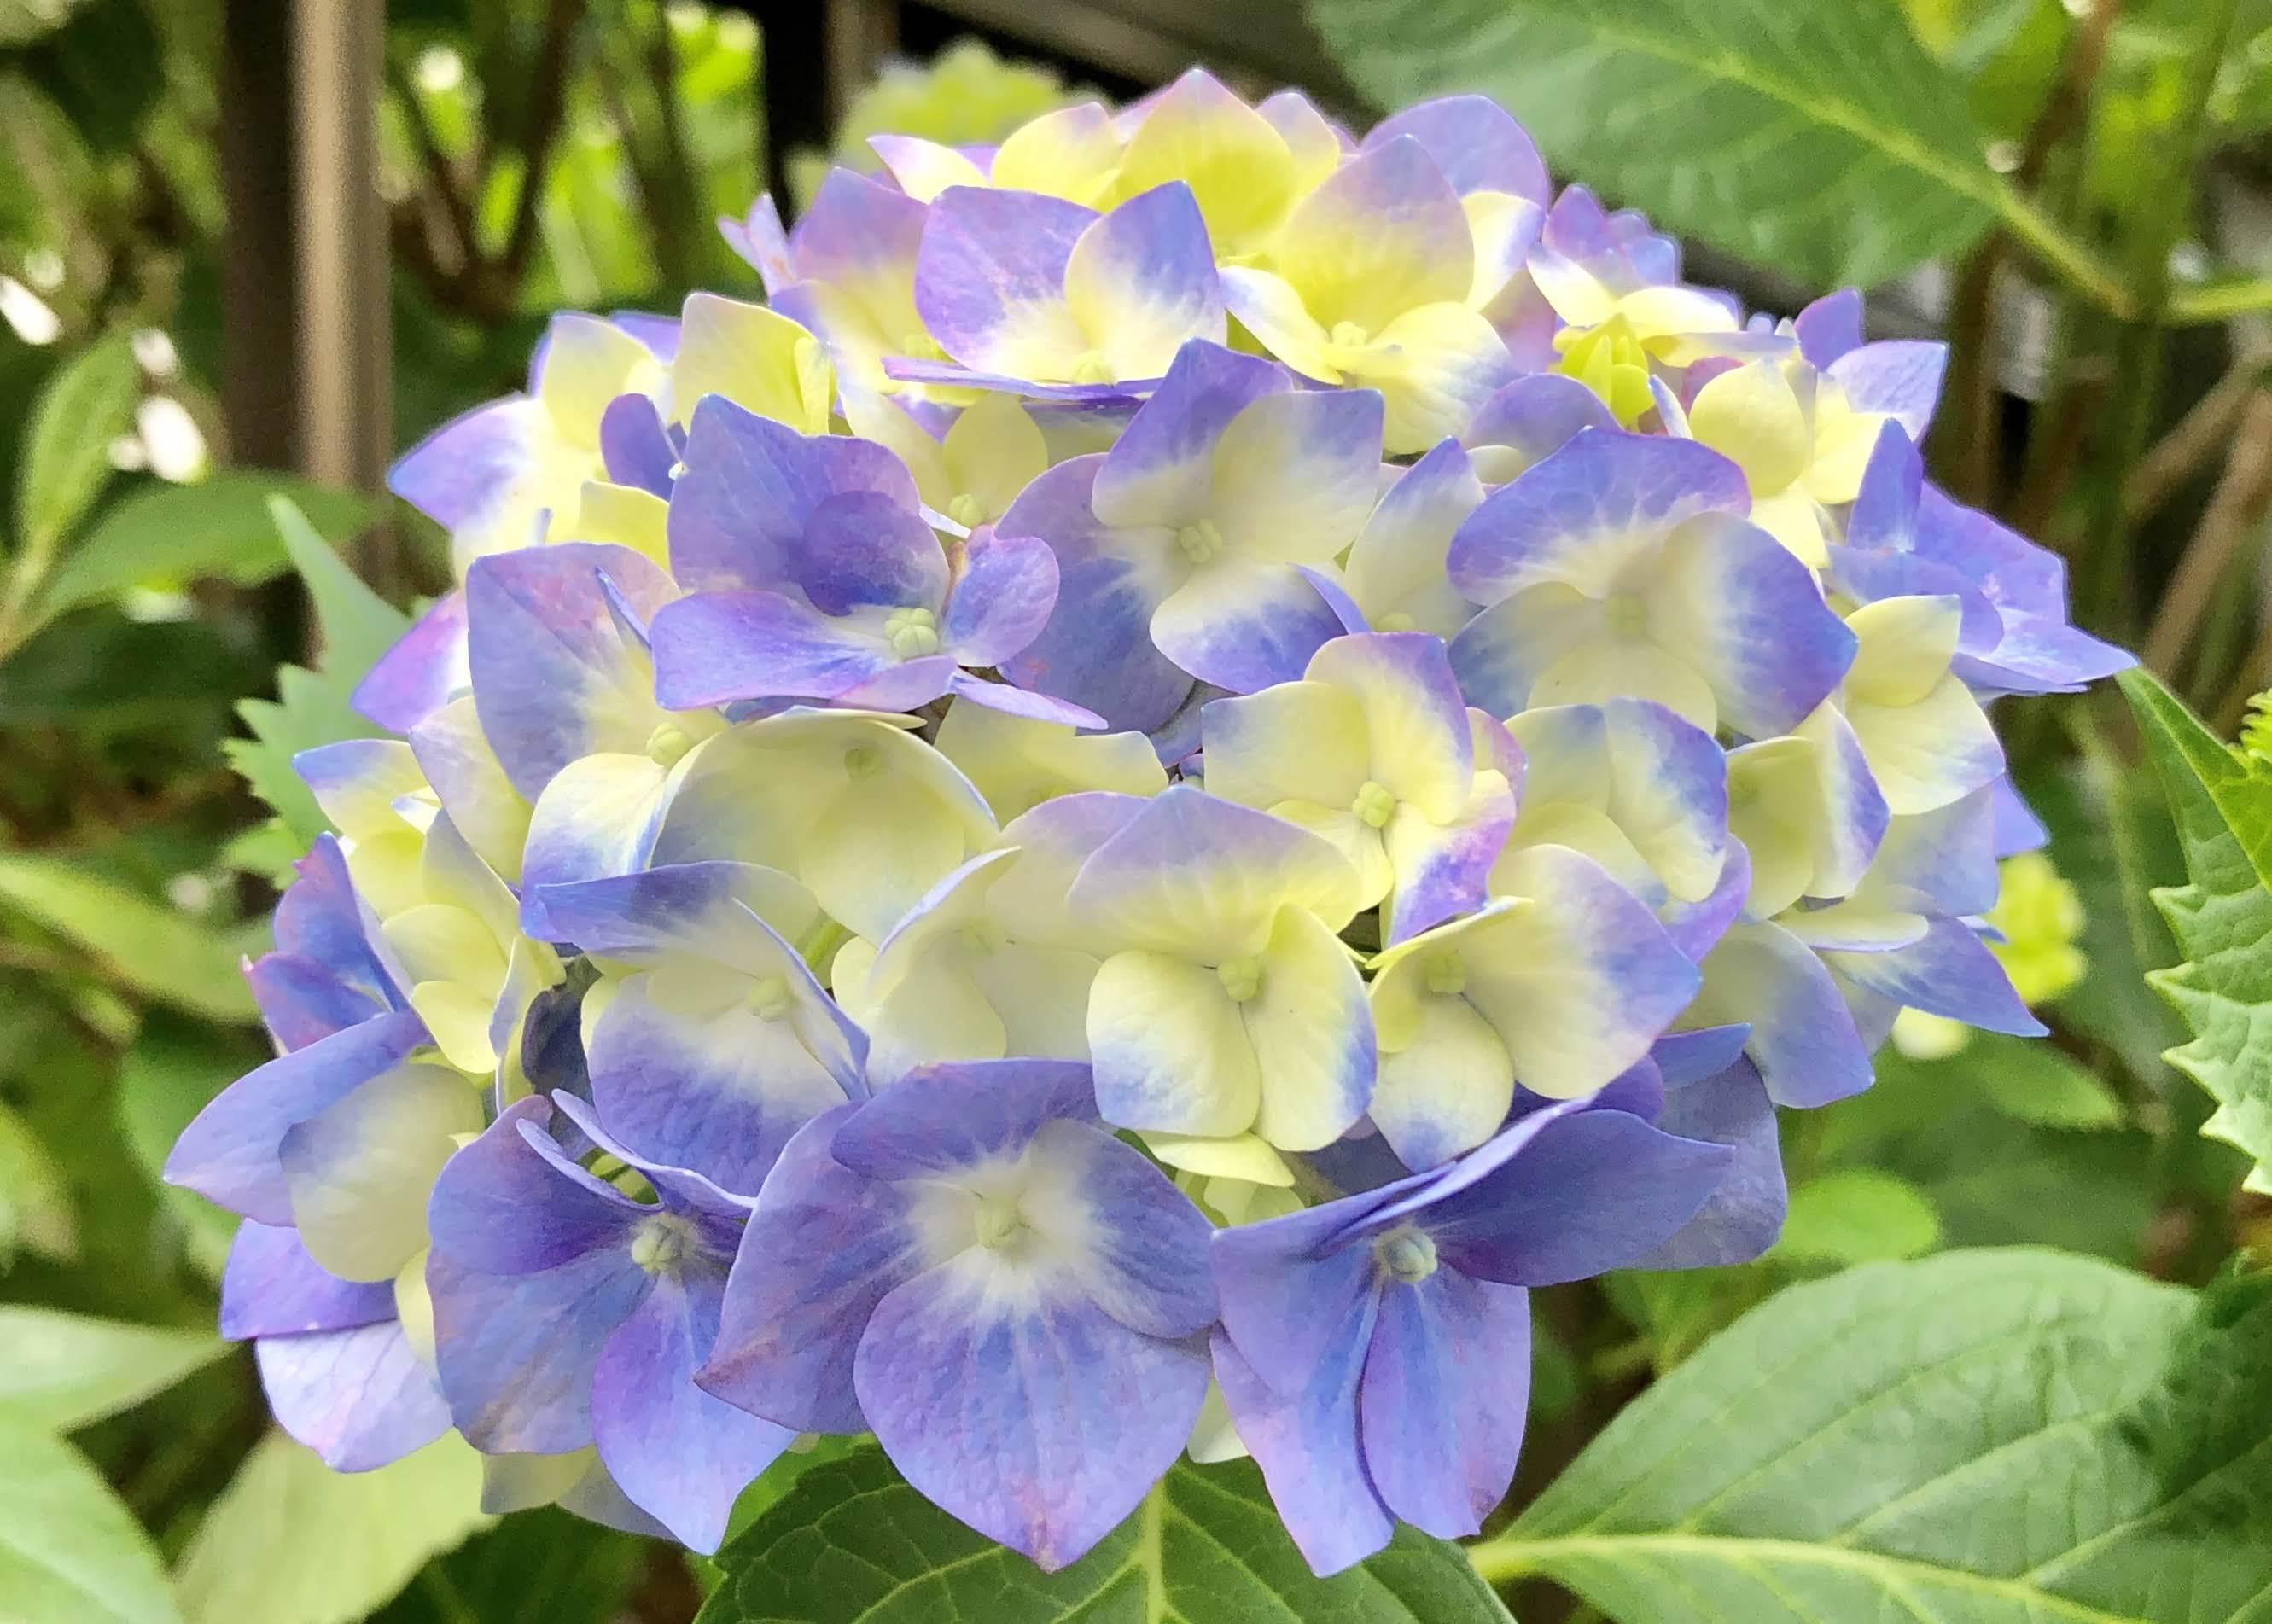 """梅雨のアジサイと、""""笑顔で応えてくれる人""""のおはなし(^-^)~思いやりと優しさ~_b0298740_14023107.jpg"""